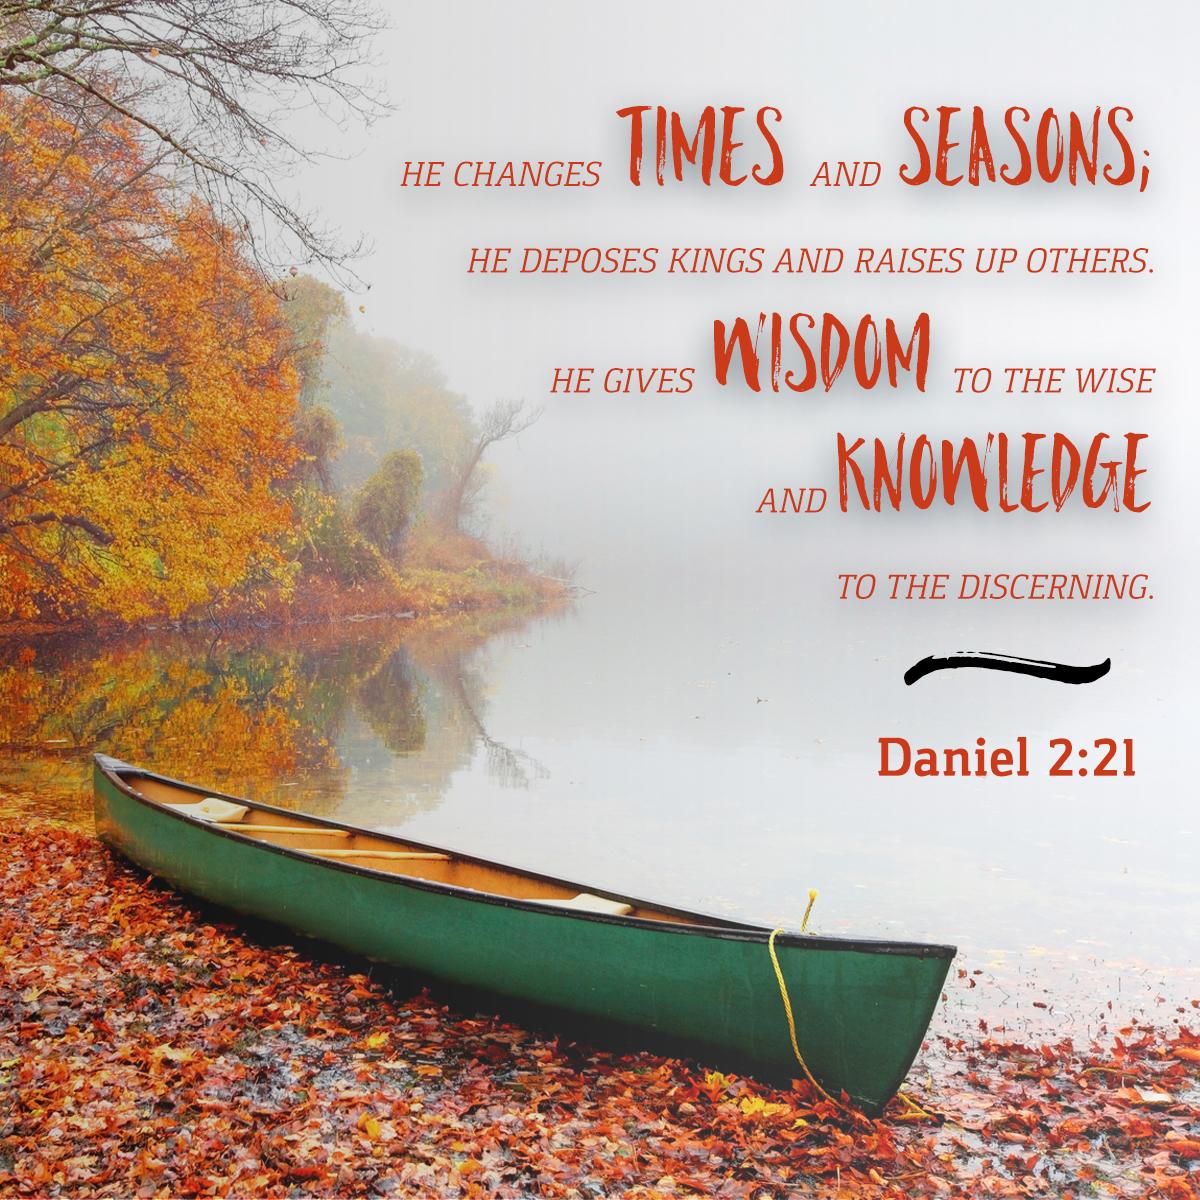 Daniel 2:21